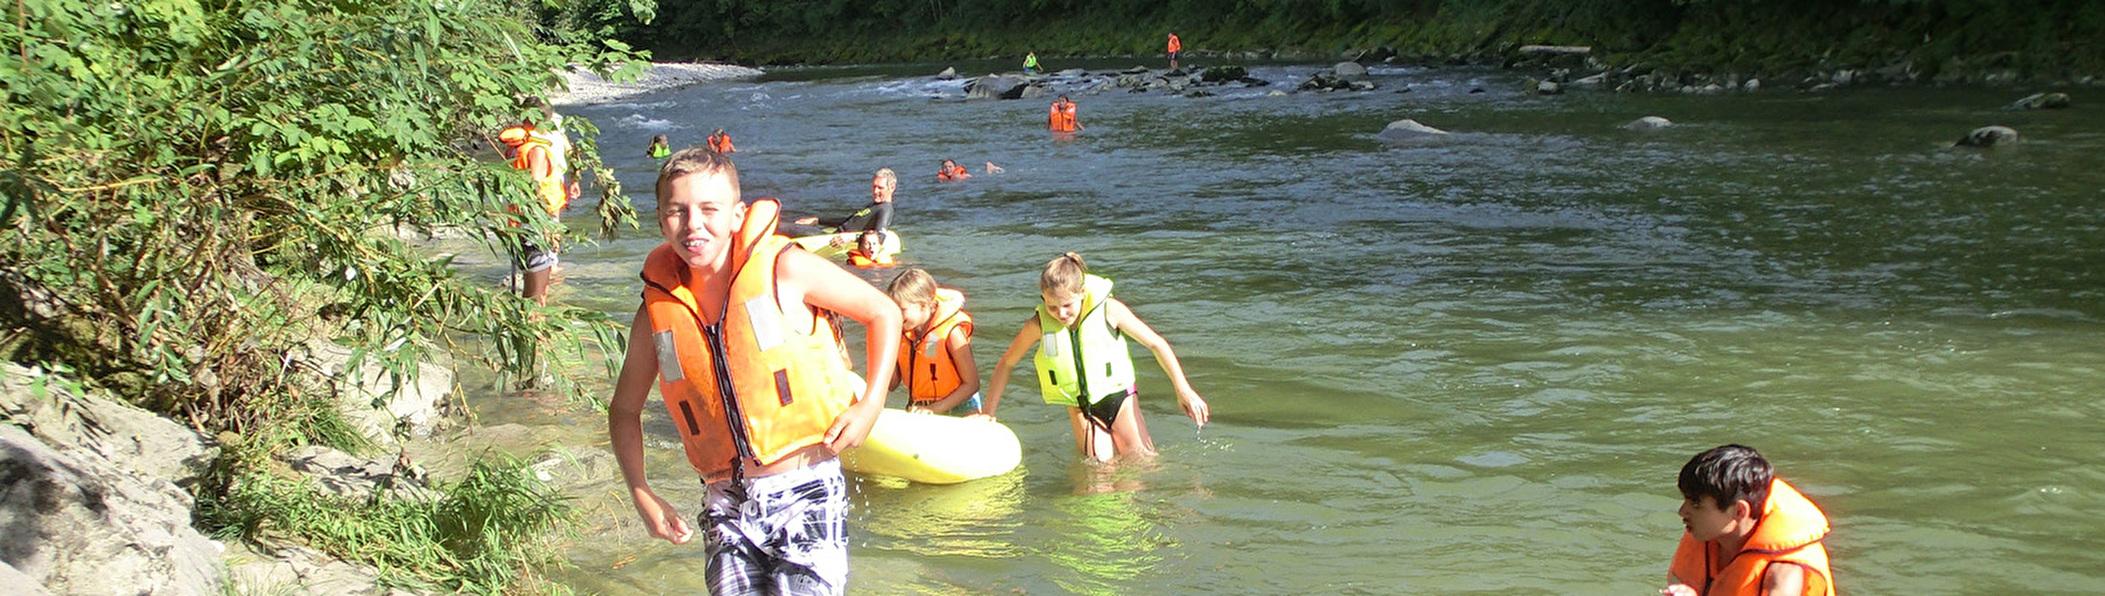 Schulklasse am Baden mit Schwimmwesten uns Schwimmring